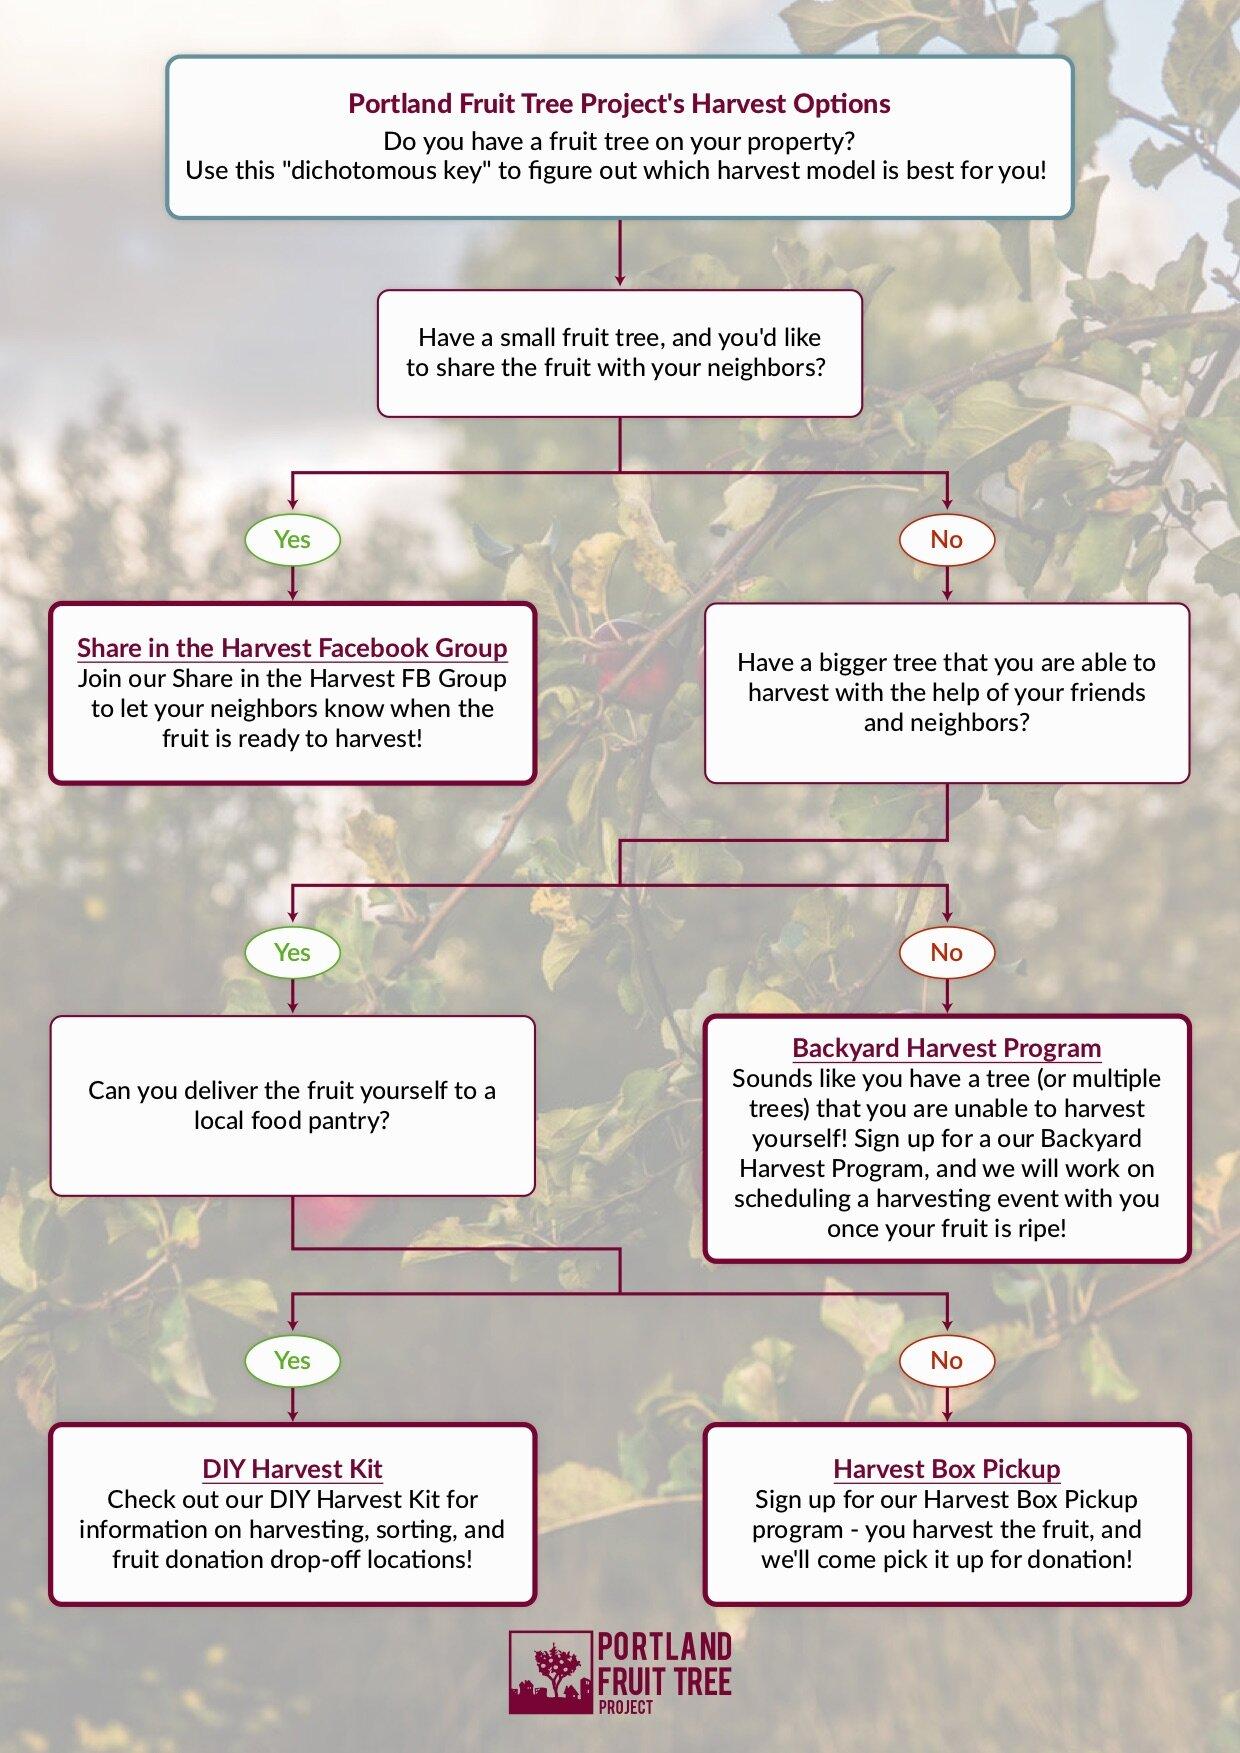 pftp harvest flow chart.jpg